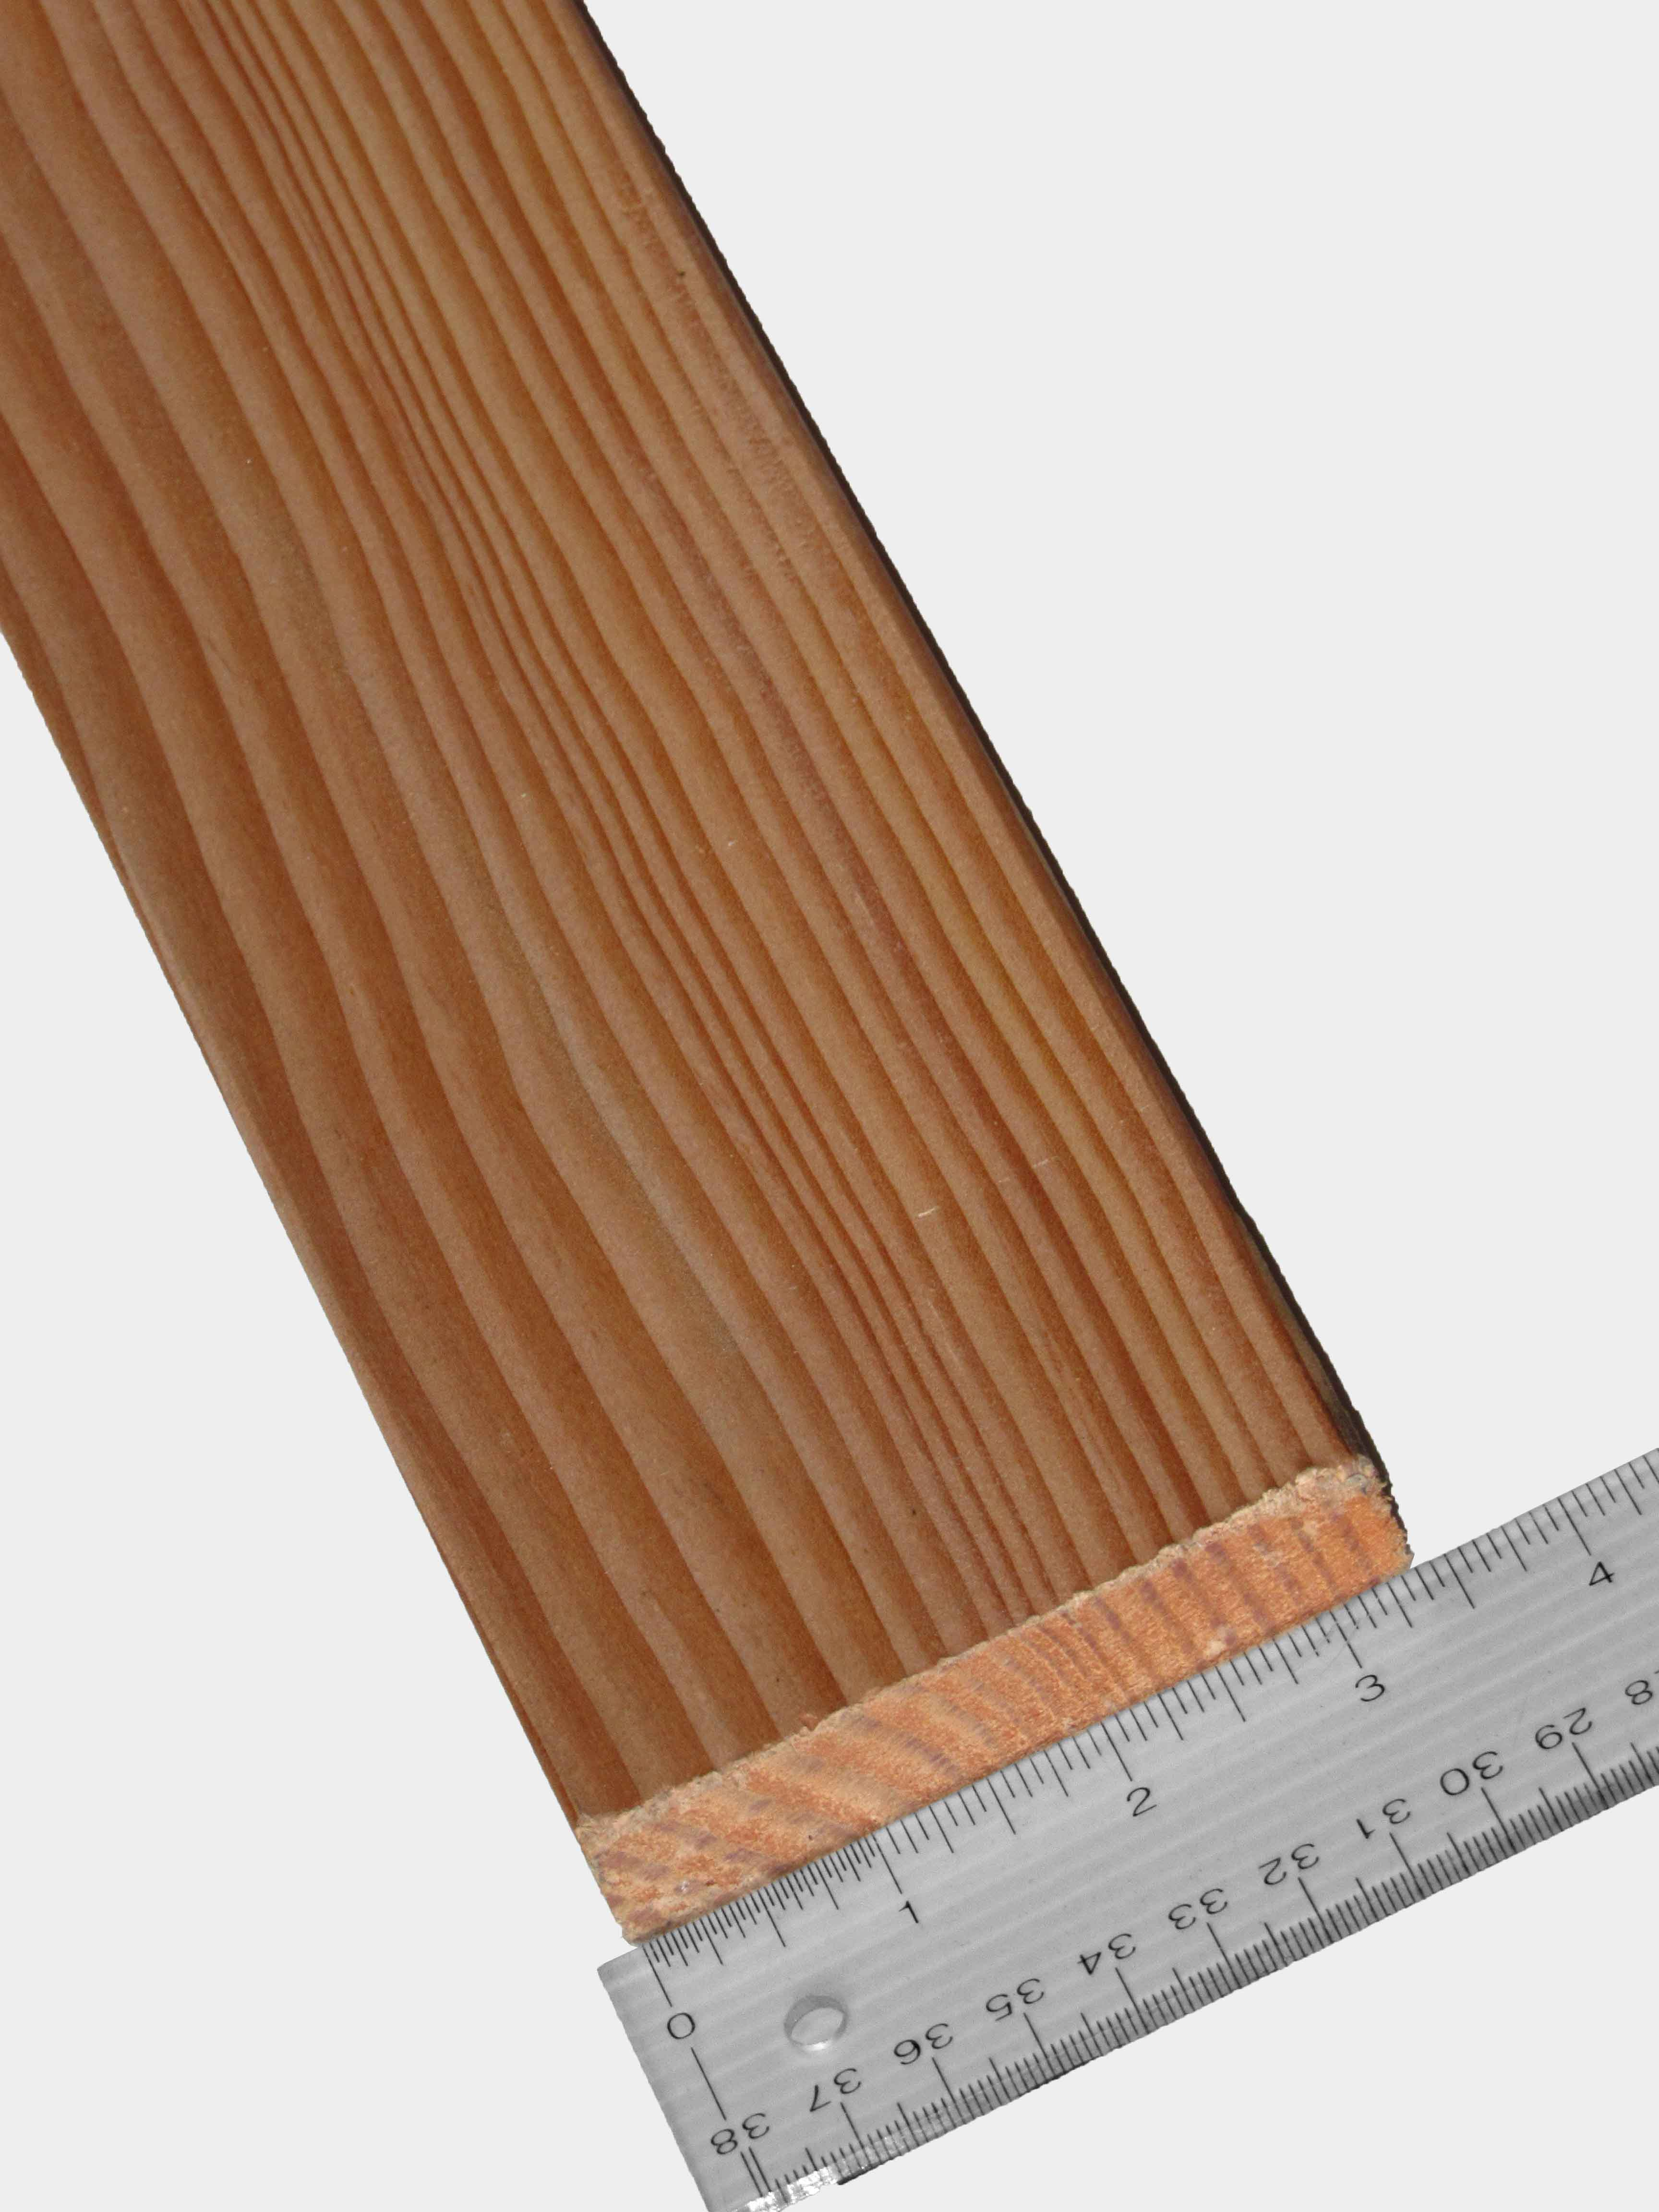 1x4 Doug Fir Clear S4s Capitol City Lumber